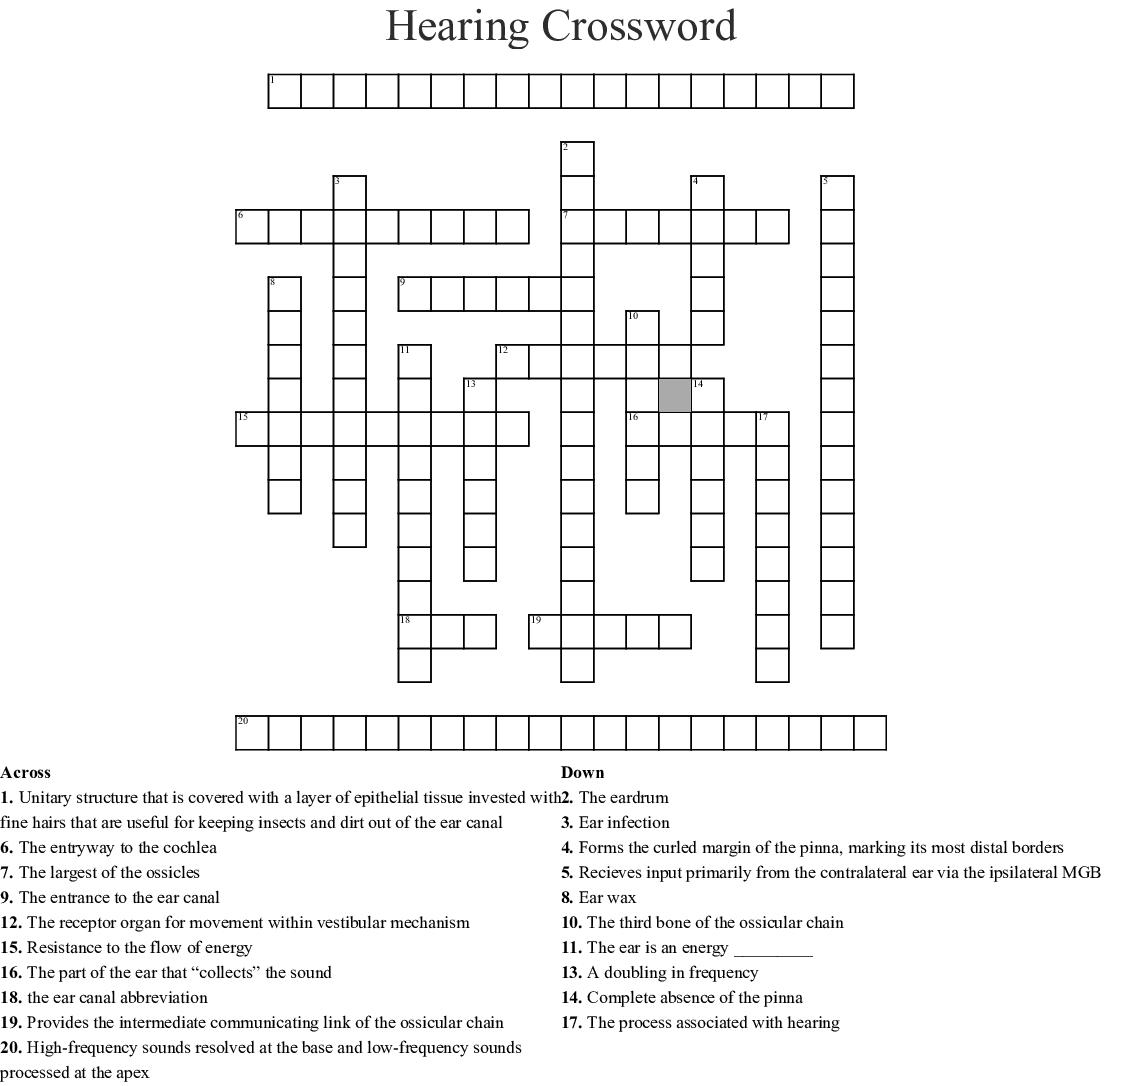 Hearing Crossword